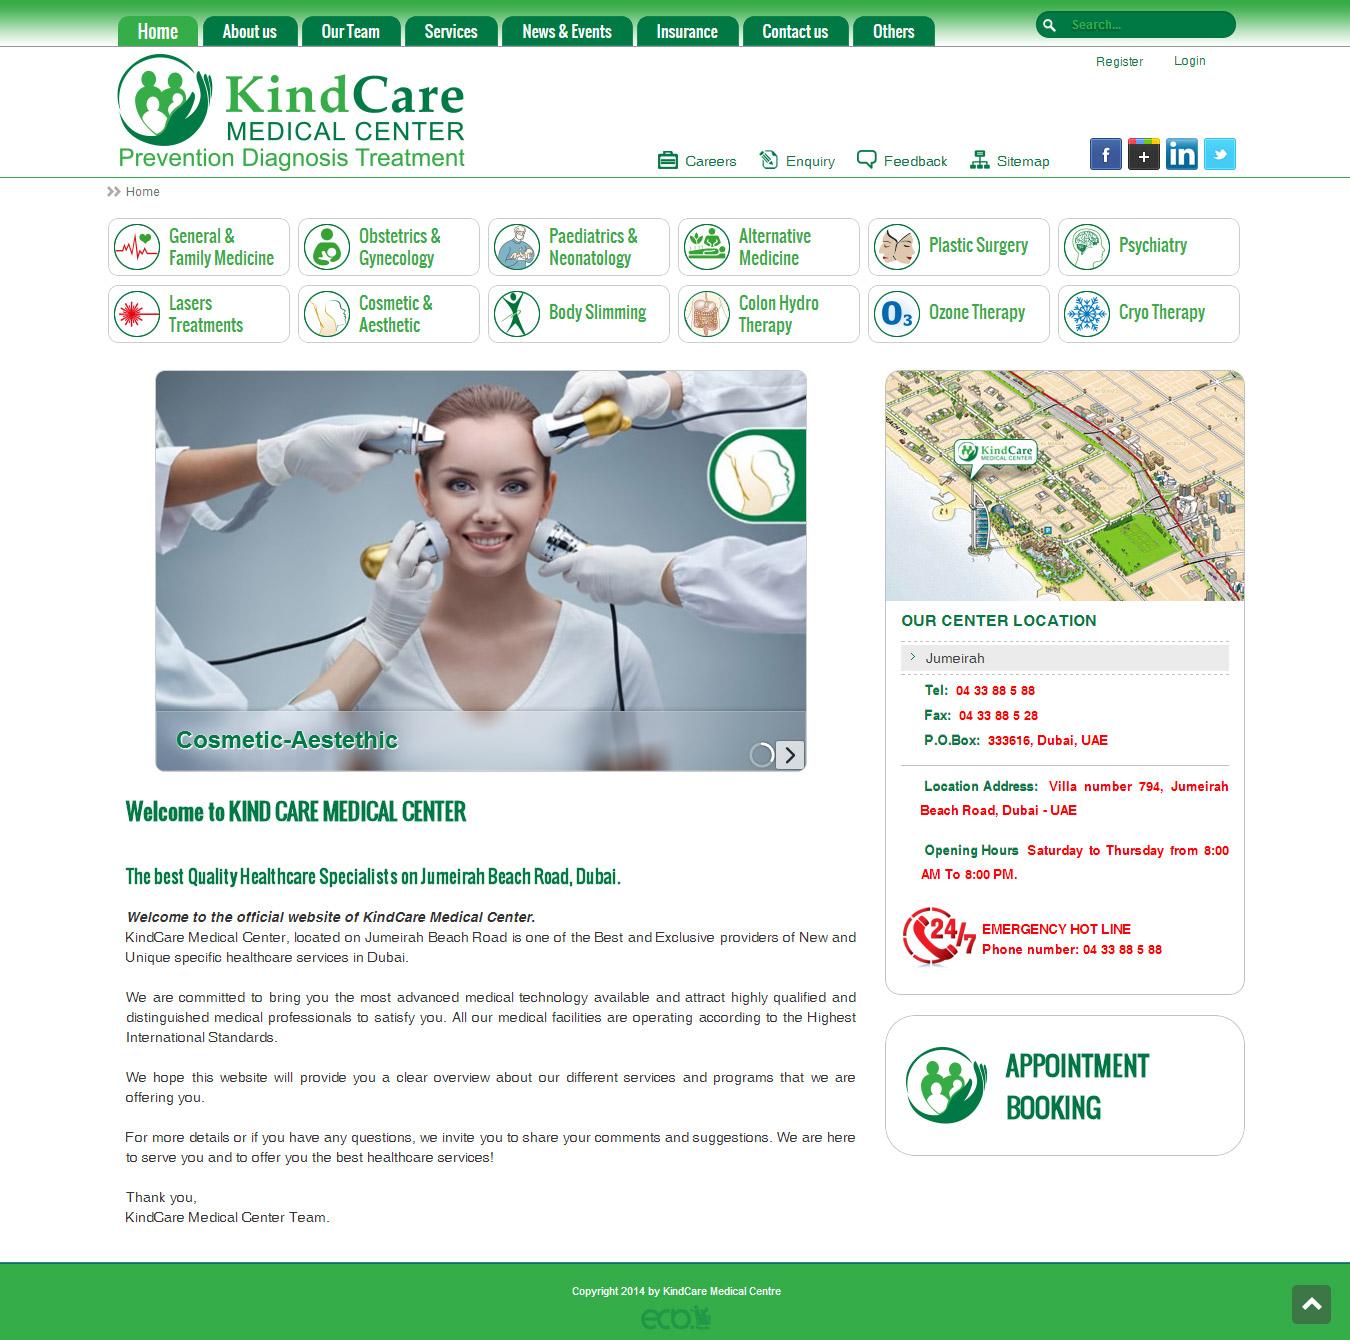 تصویری از صفحه نخست وبسایت پلی کلینیک تخصصی Kind Care Medical Center دوبی